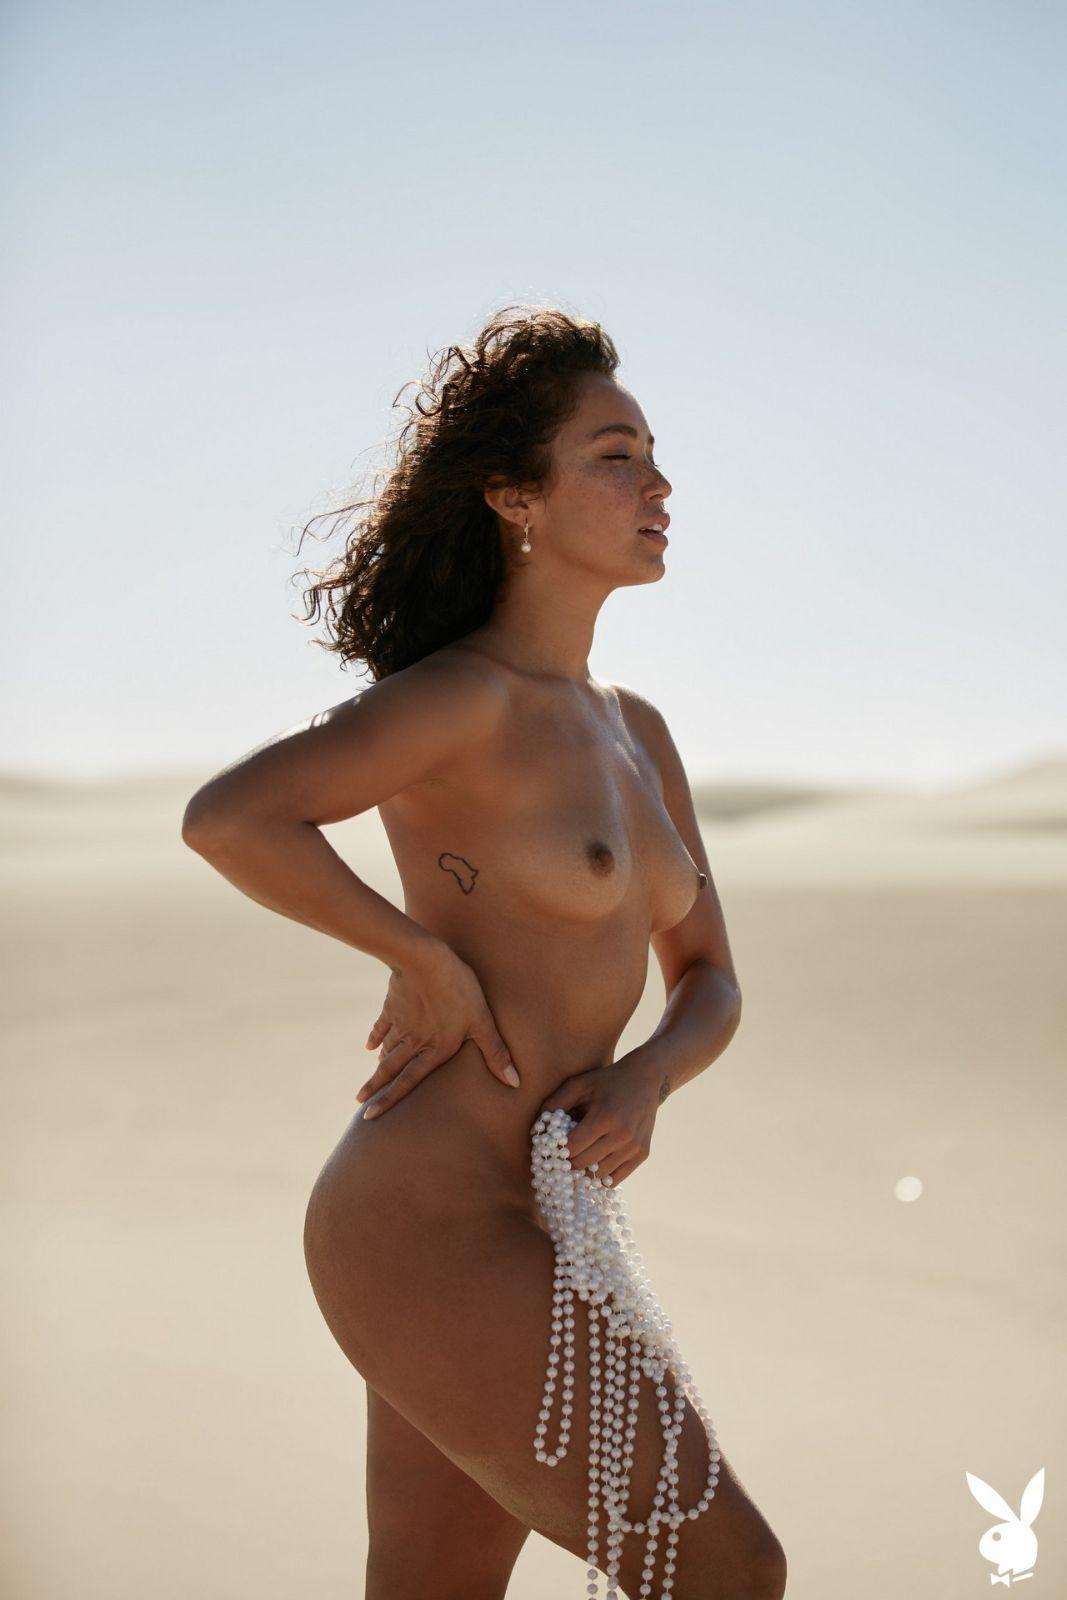 decker nude photos Leanna